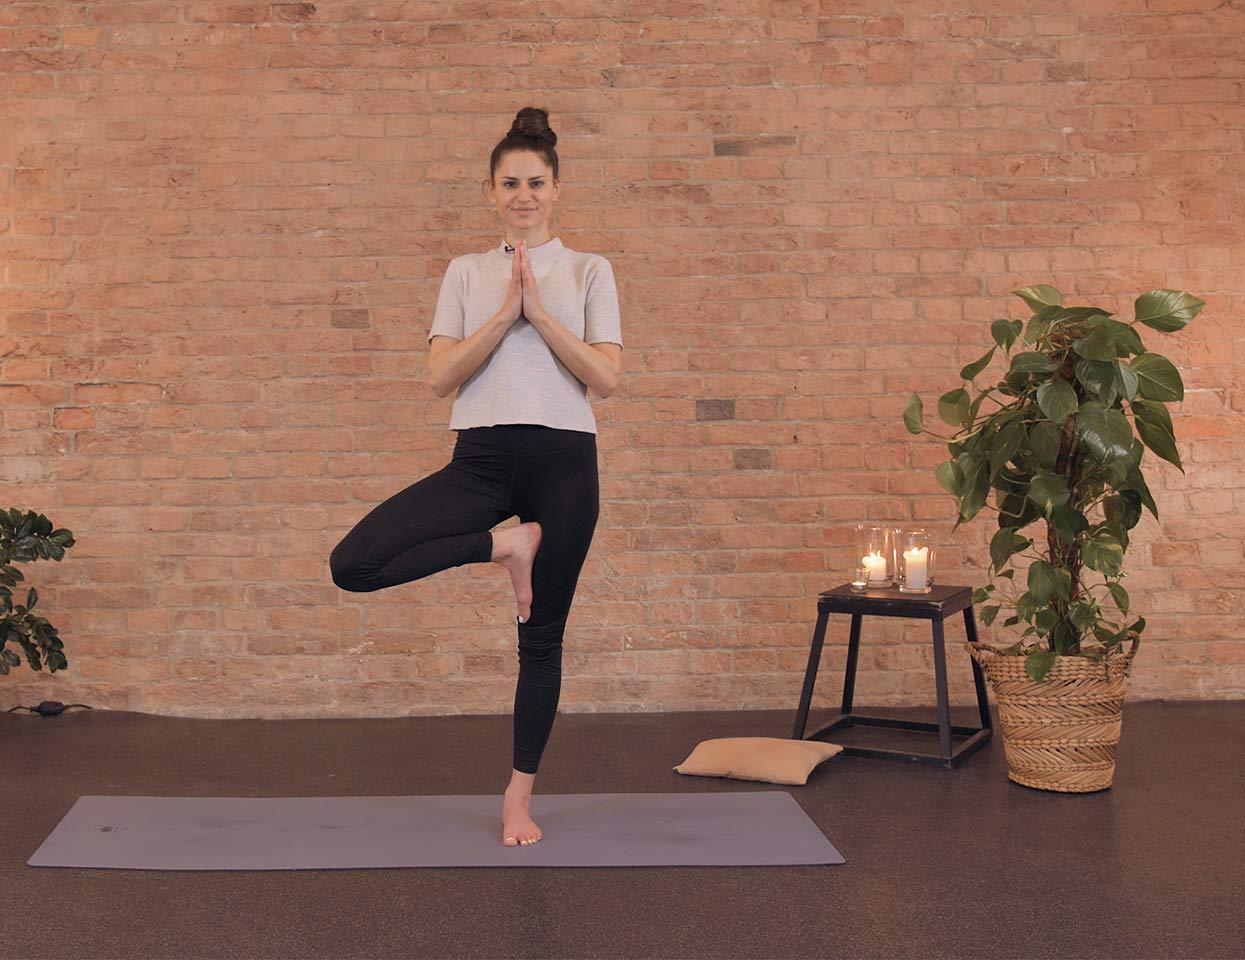 Ein Frau macht Yoga.